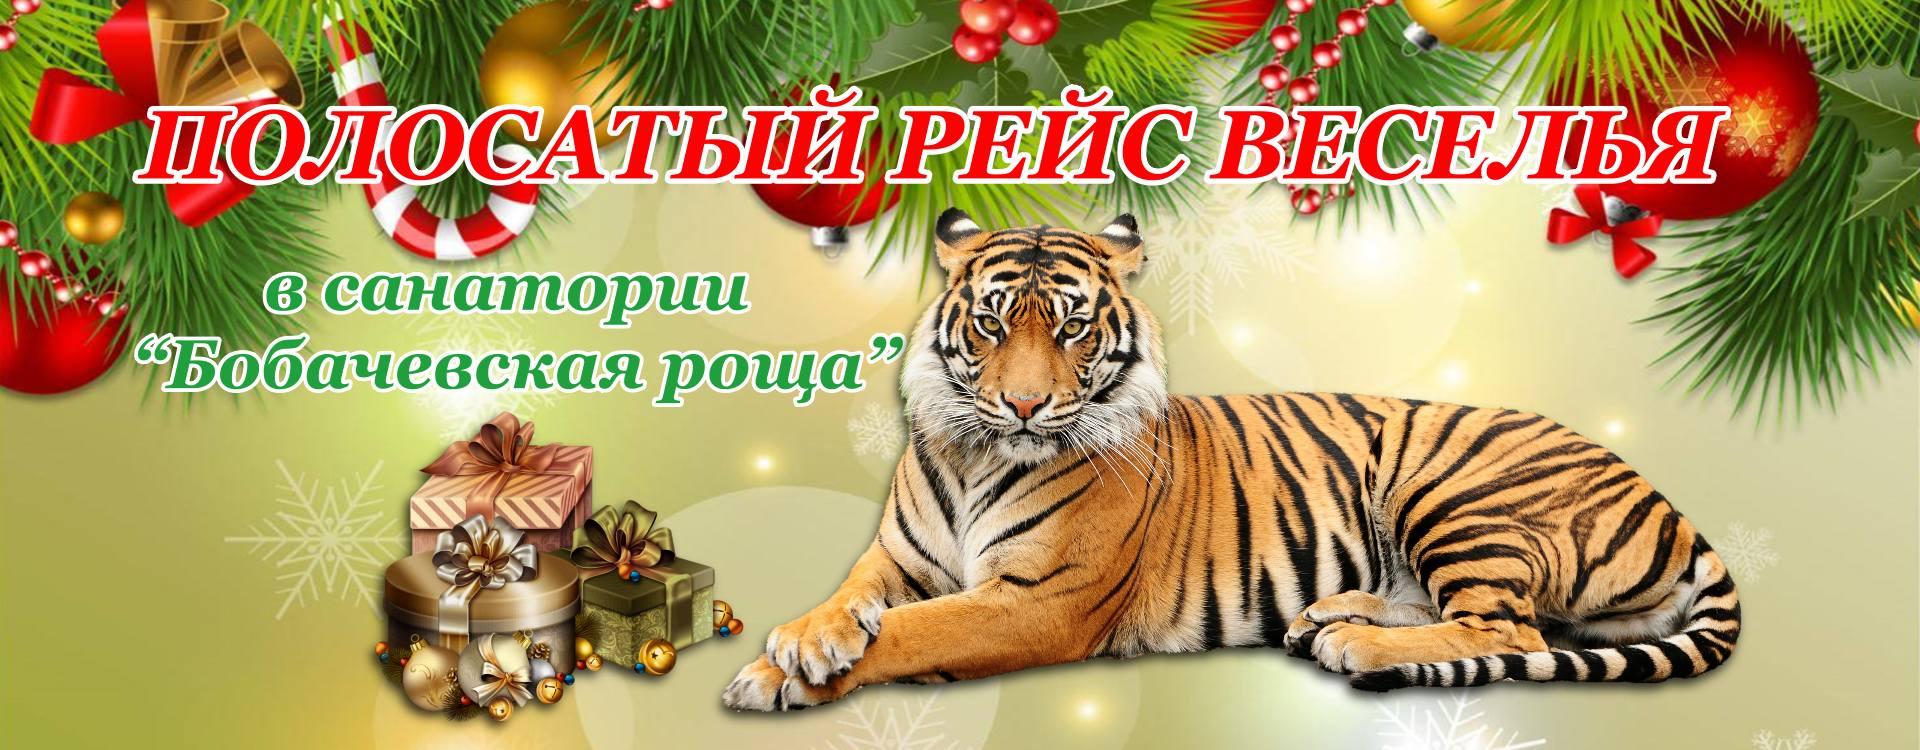 novyj-god-2022-bobachevka2